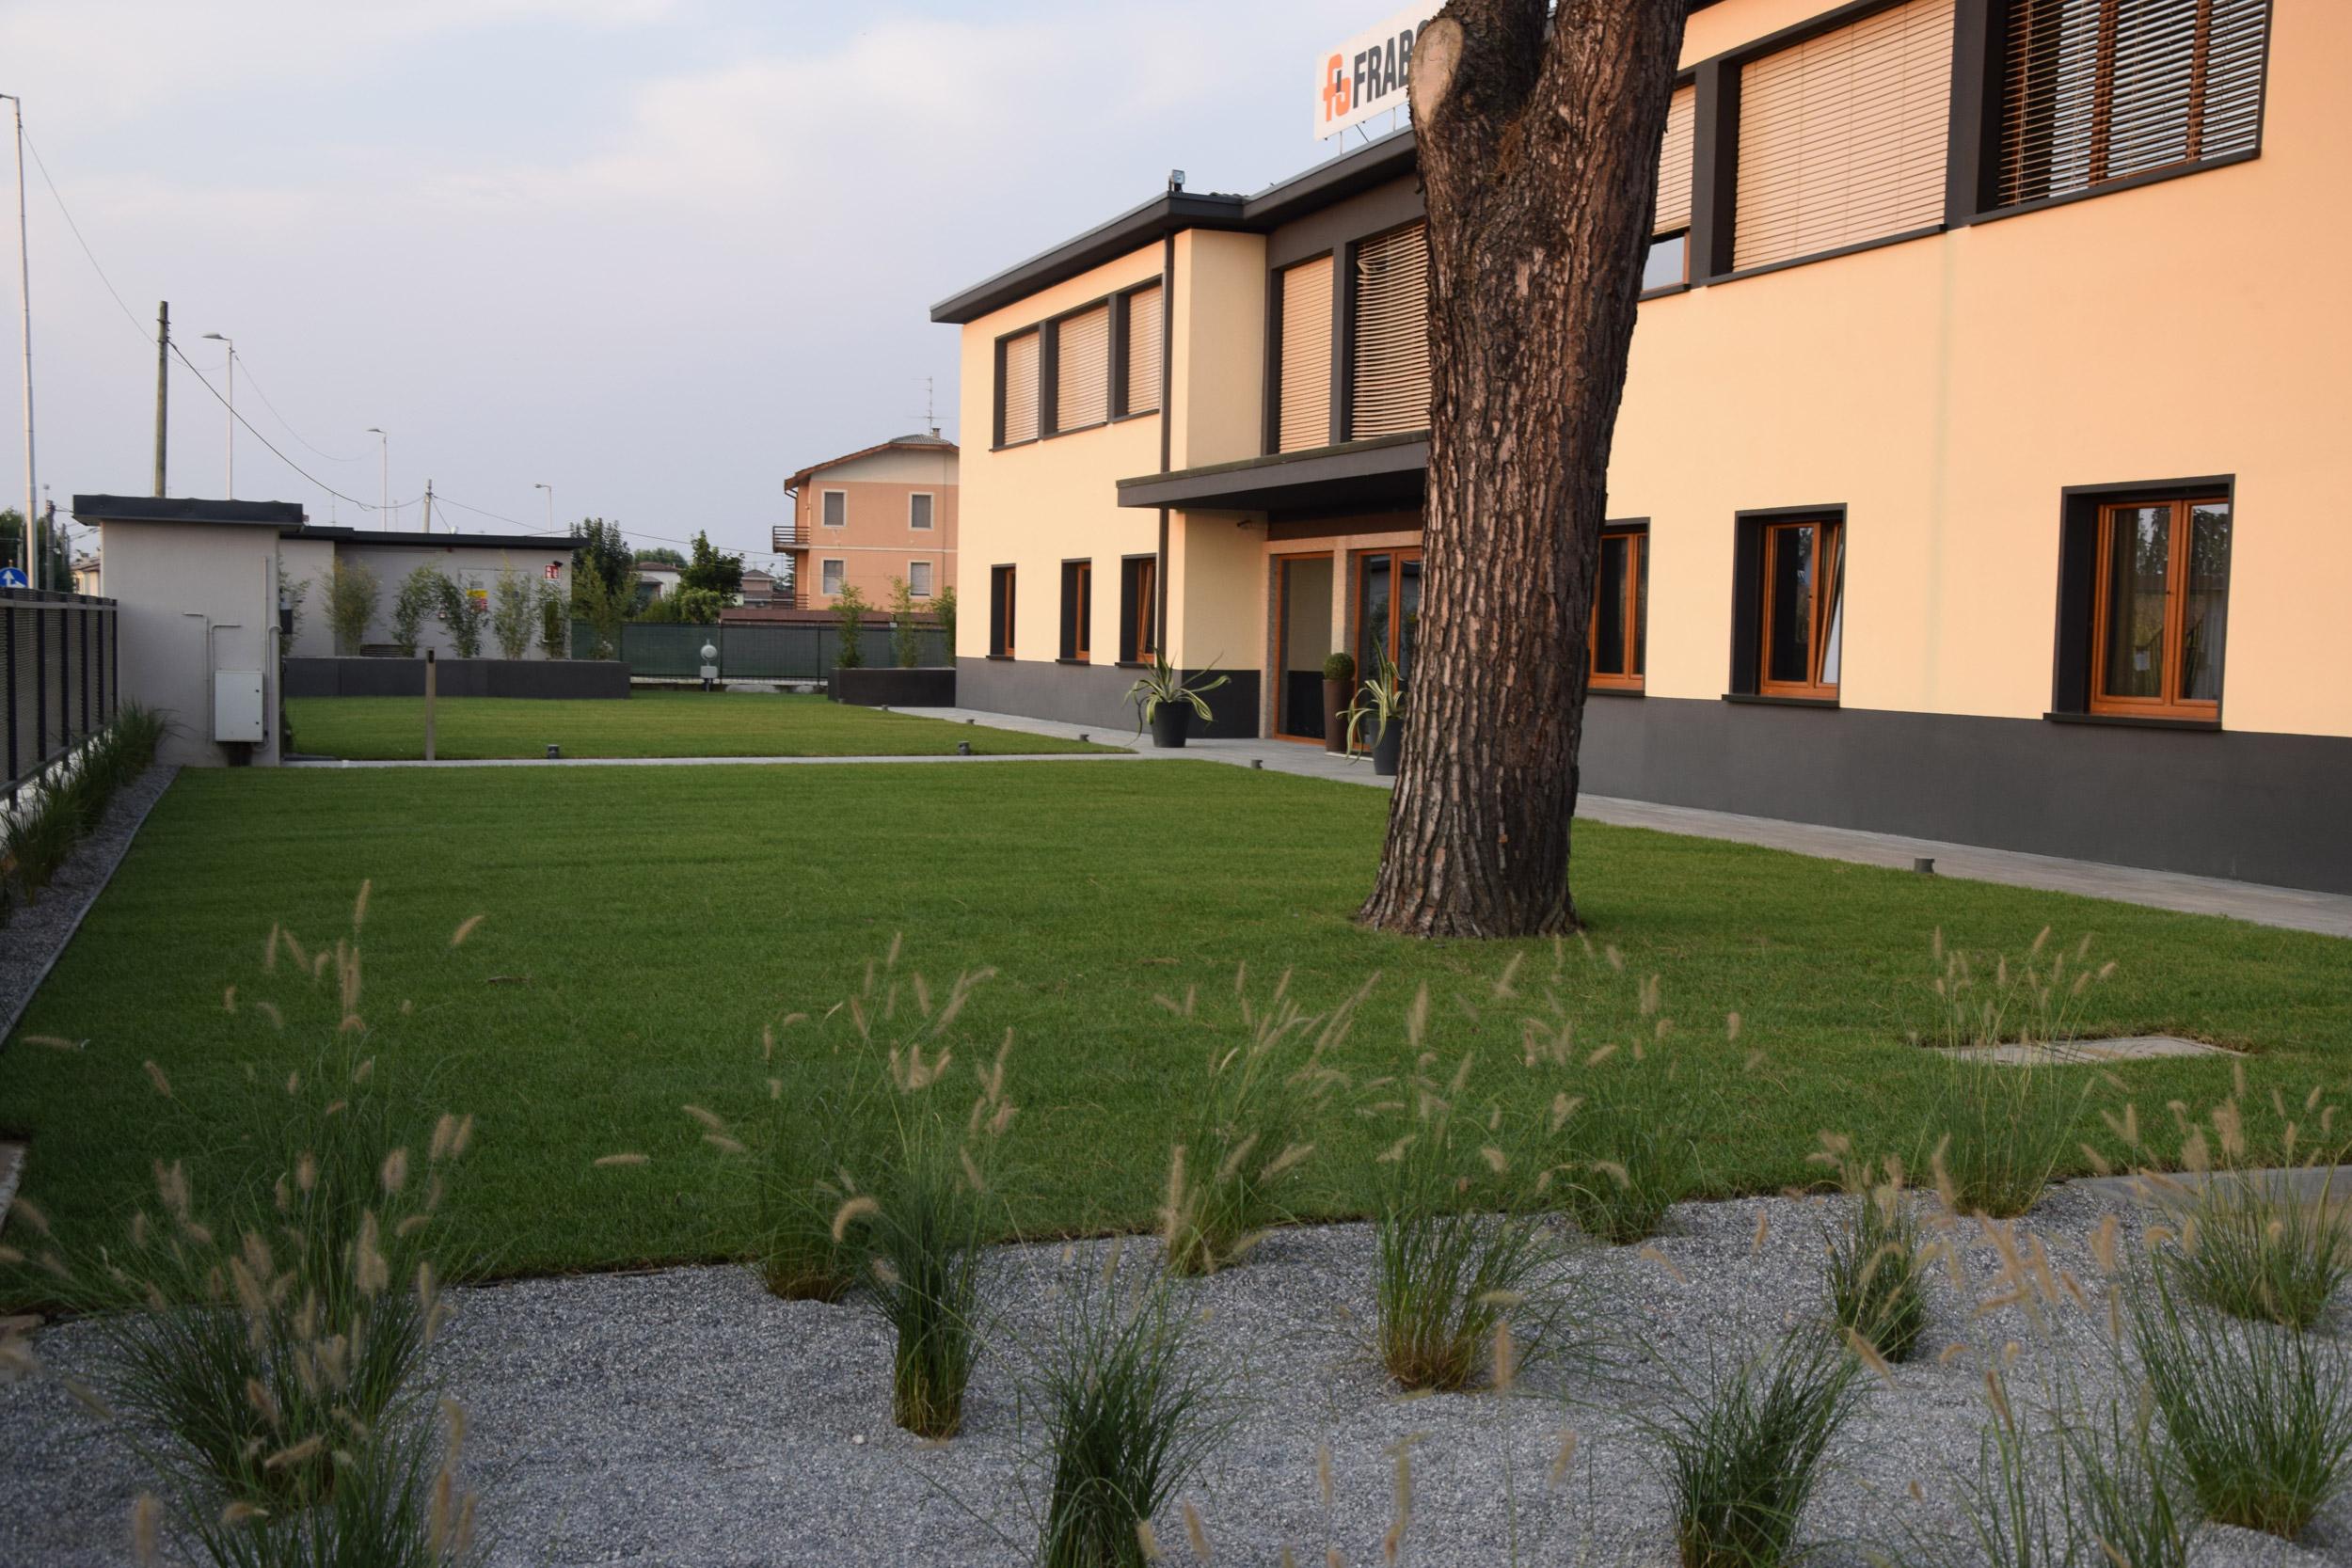 Giardino aziendale progettazione giardini agronomo for Corso progettazione giardini